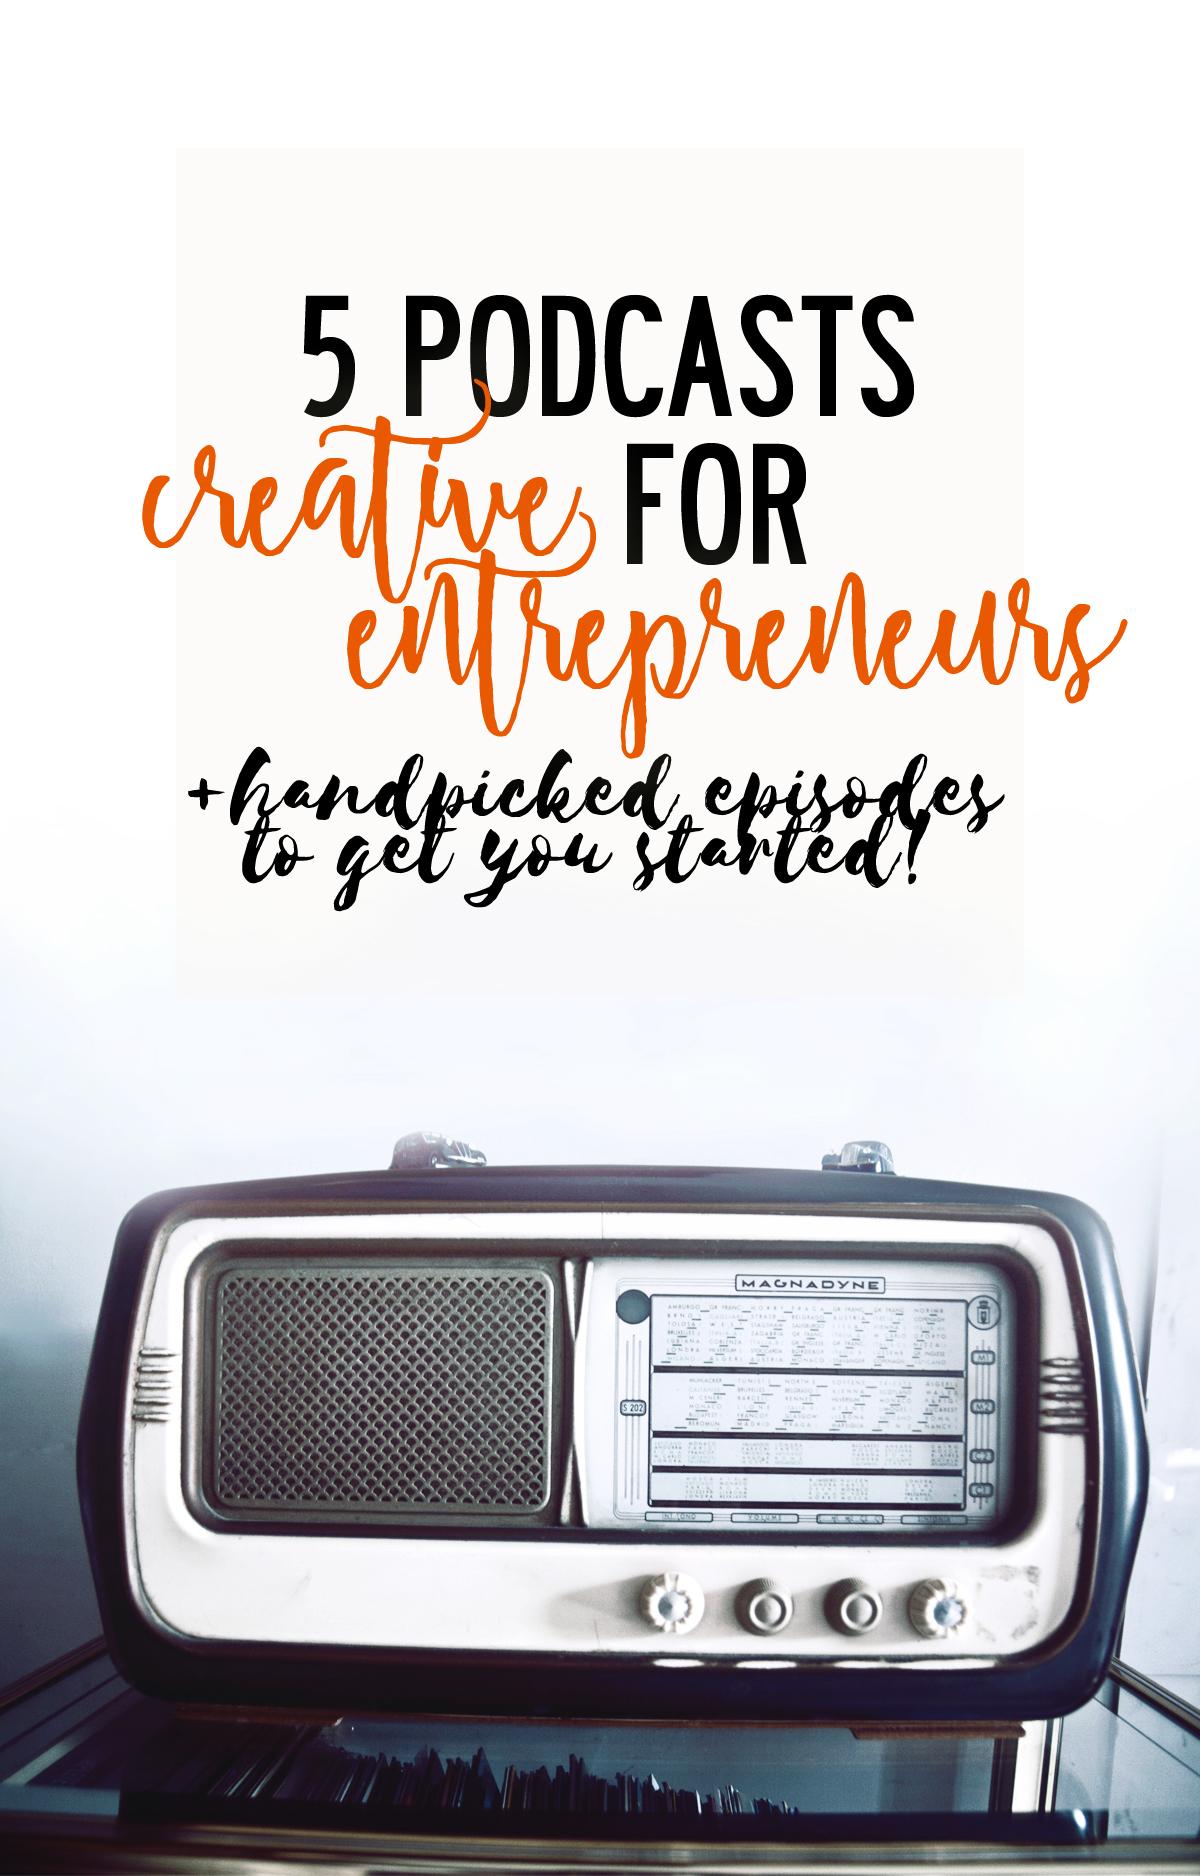 5 must listen podcasts for creative entrepreneurs